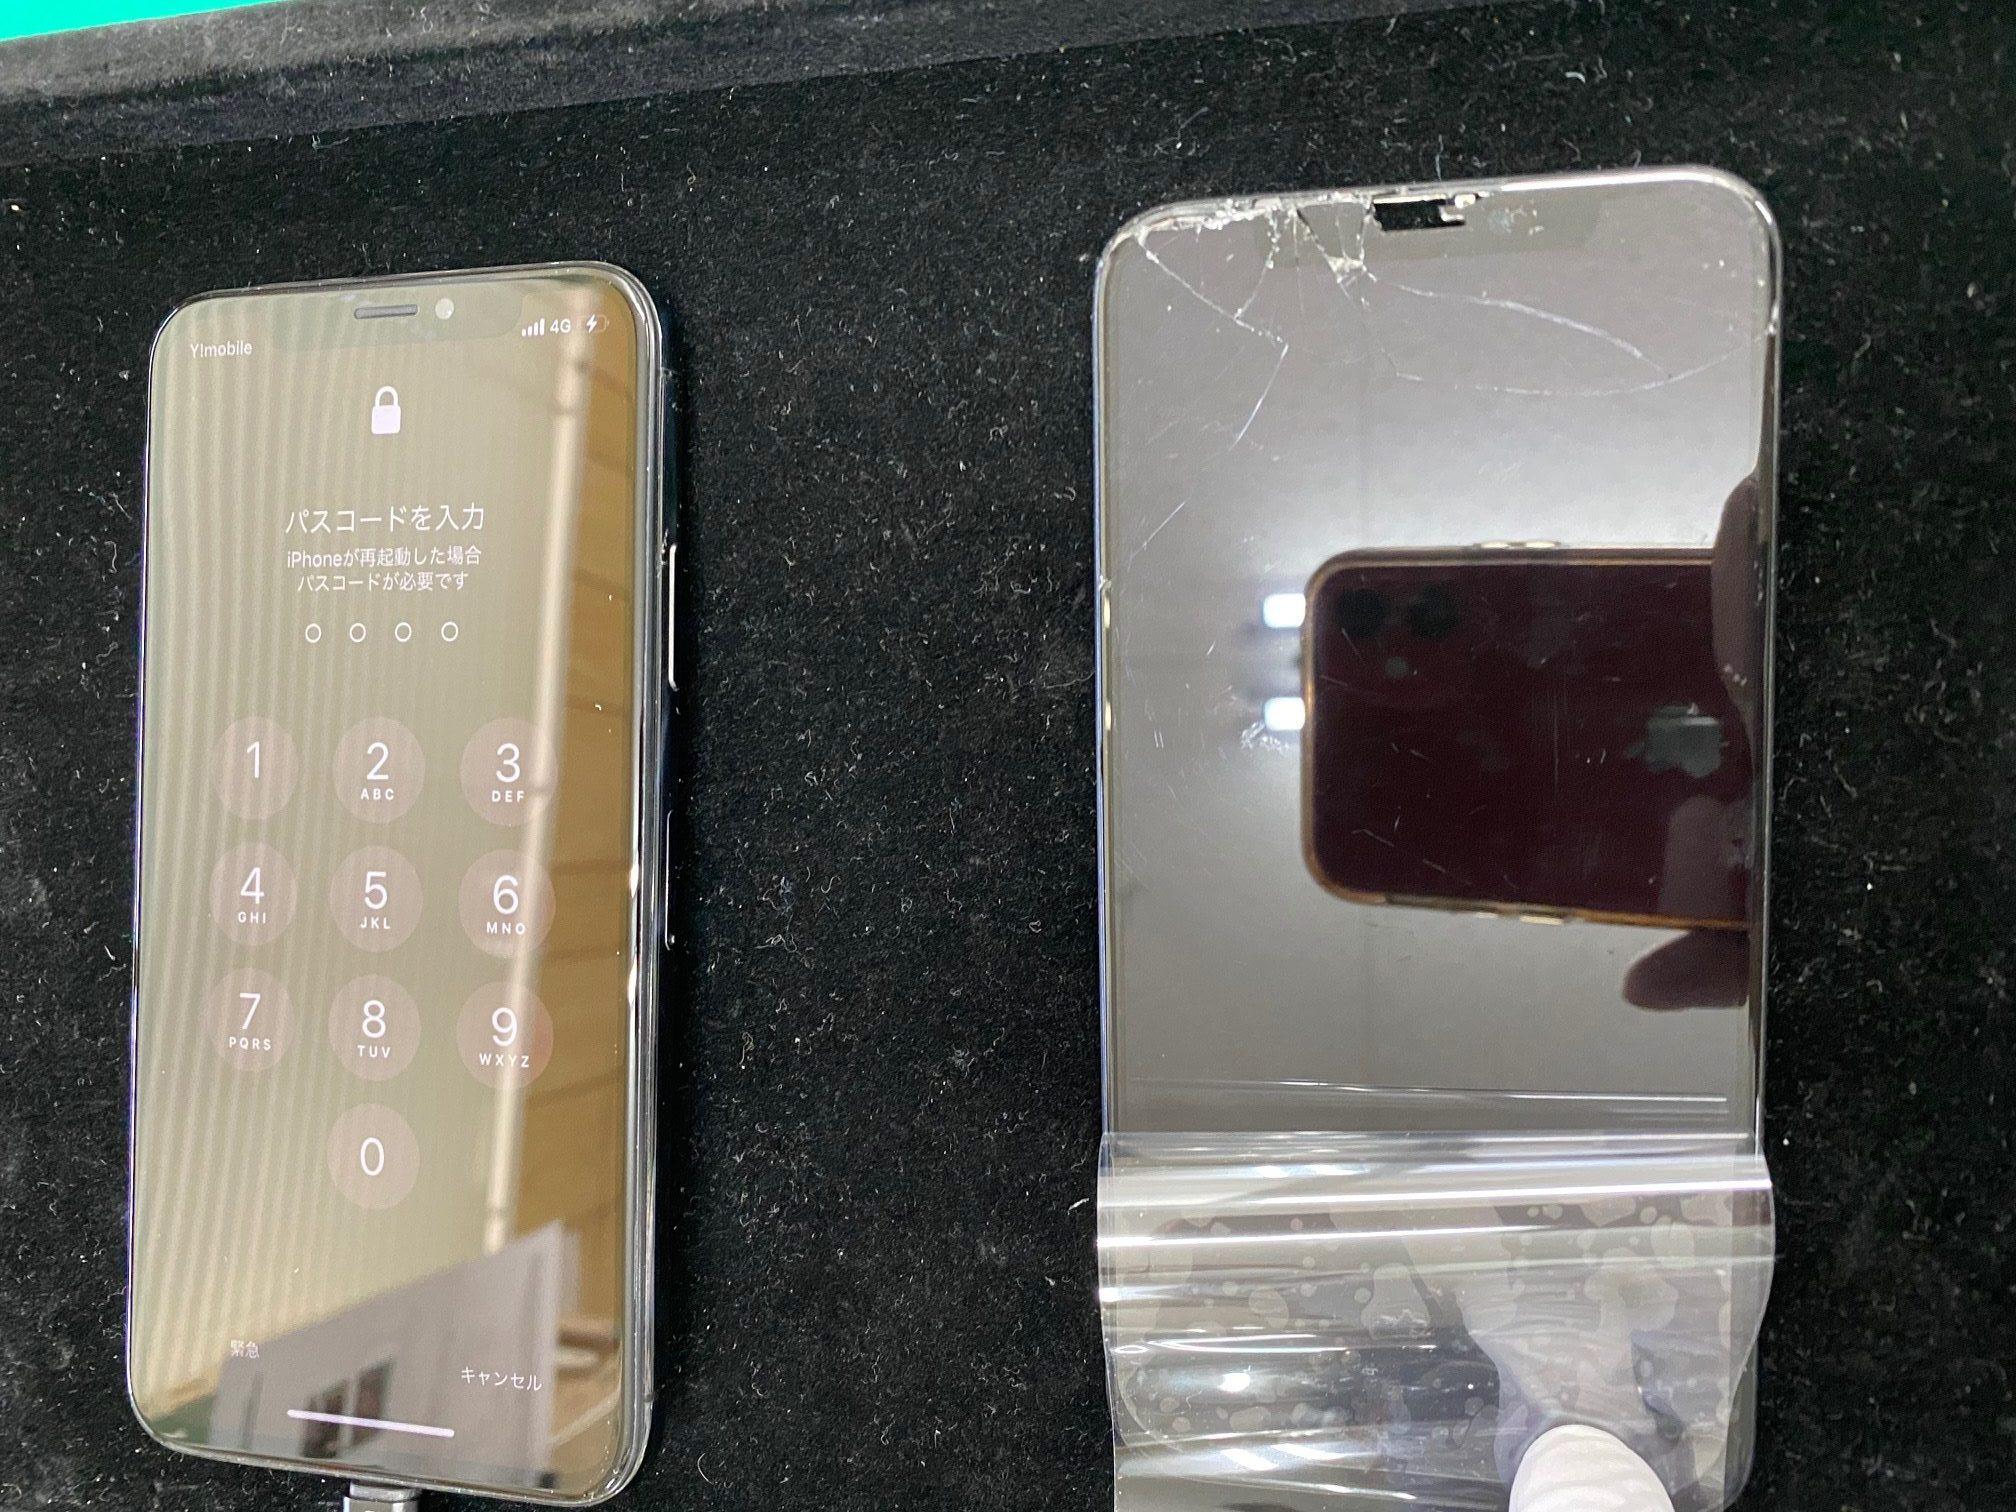 iPhoneXの液晶不良・画面ガラス割れで松本市内のお客様が修理持ち込みされました